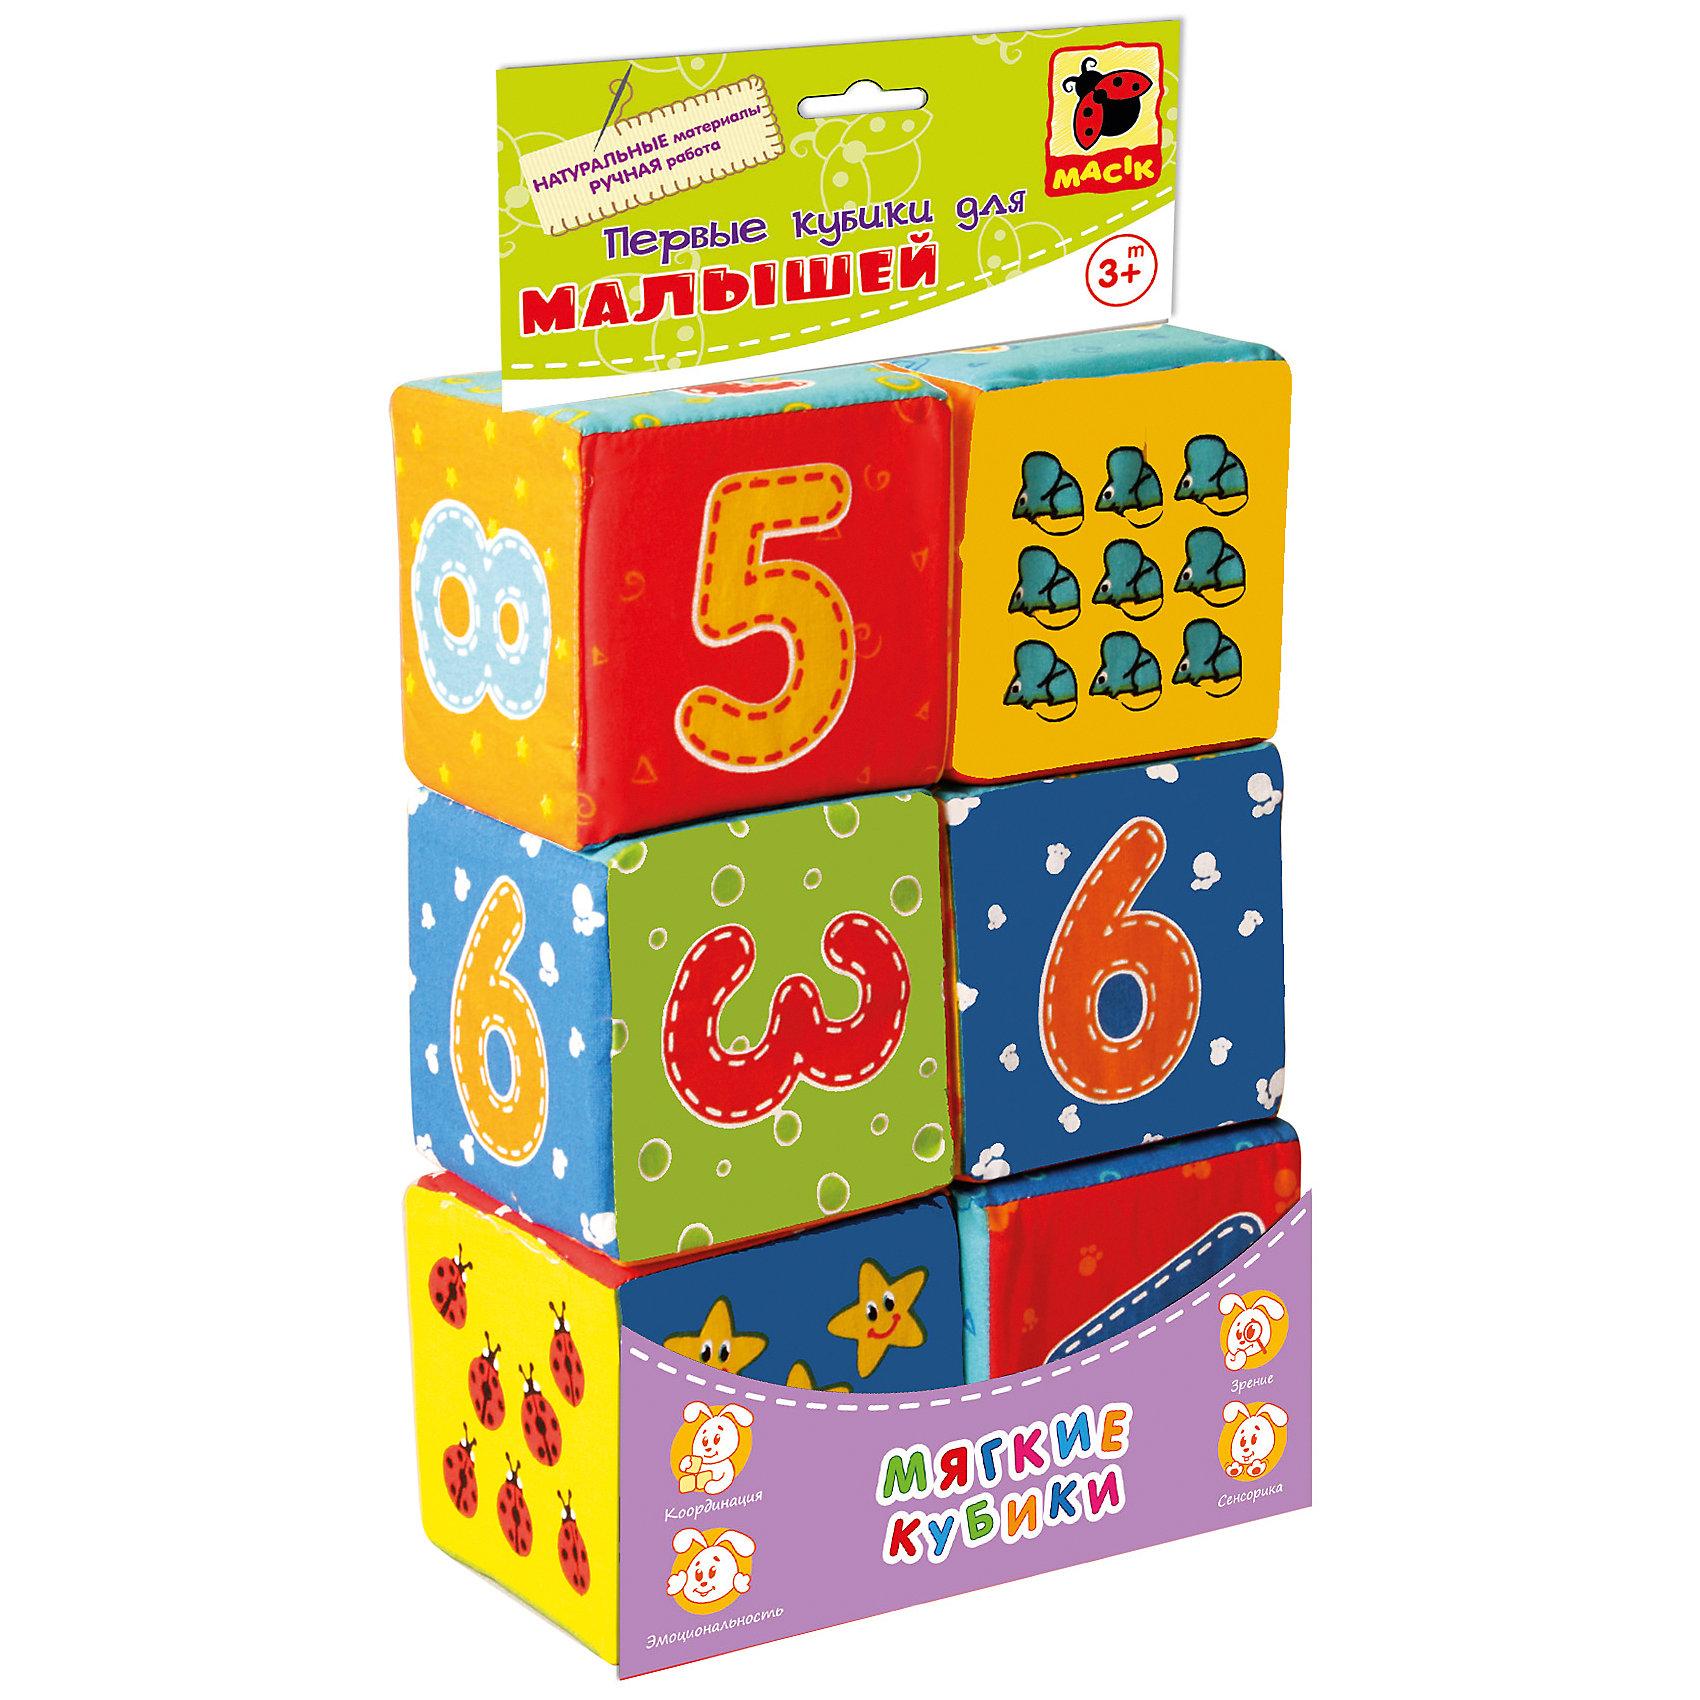 Набор мягких кубиков Цифры, Малышок, Vladi ToysМягкие игрушки<br>Набор мягких кубиков Цифры, Малышок, Vladi Toys<br><br>Характеристики:<br><br>• Материал: текстиль<br>• Количество кубиков: 6 штук<br>• Размер кубика: 8х8х8 см<br><br>Кубики сделаны из натурального материала. Они мягкие и полностью безопасные для маленьких детей. Каждый кубик содержит в себе цифры, знаки, и картинку, выражающую число. Цифры от 1 до 9 повторяются по два раза. Ребенок сможет использовать кубики чтобы научиться решать примеры с помощью игры.<br><br>Набор мягких кубиков Цифры, Малышок, Vladi Toys можно купить в нашем интернет-магазине.<br><br>Ширина мм: 330<br>Глубина мм: 85<br>Высота мм: 165<br>Вес г: 110<br>Возраст от месяцев: 12<br>Возраст до месяцев: 36<br>Пол: Унисекс<br>Возраст: Детский<br>SKU: 5253053